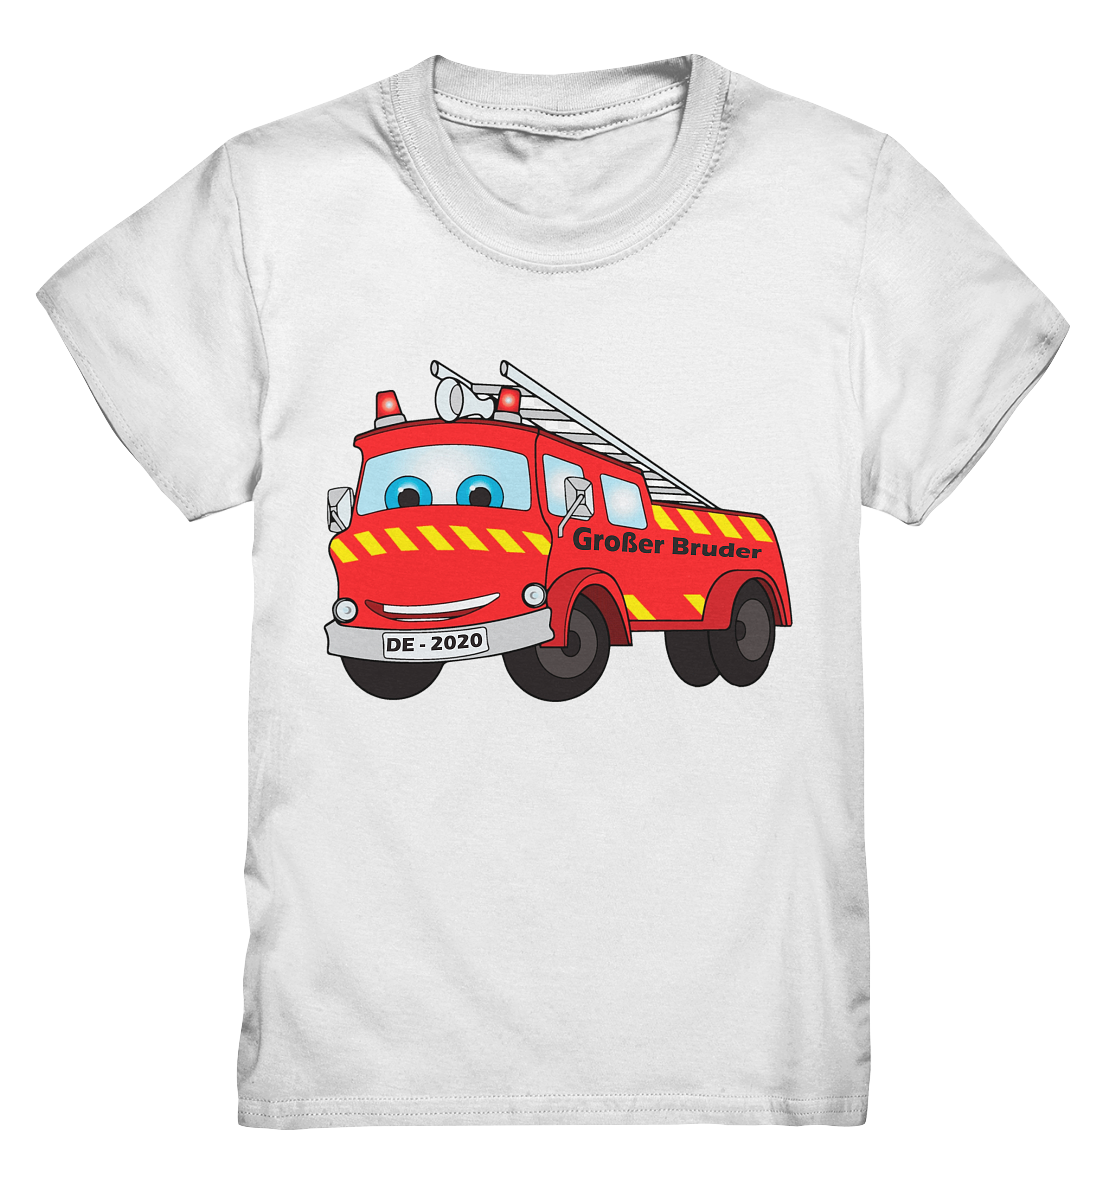 front-kids-premium-shirt-f8f8f8-1116x.png